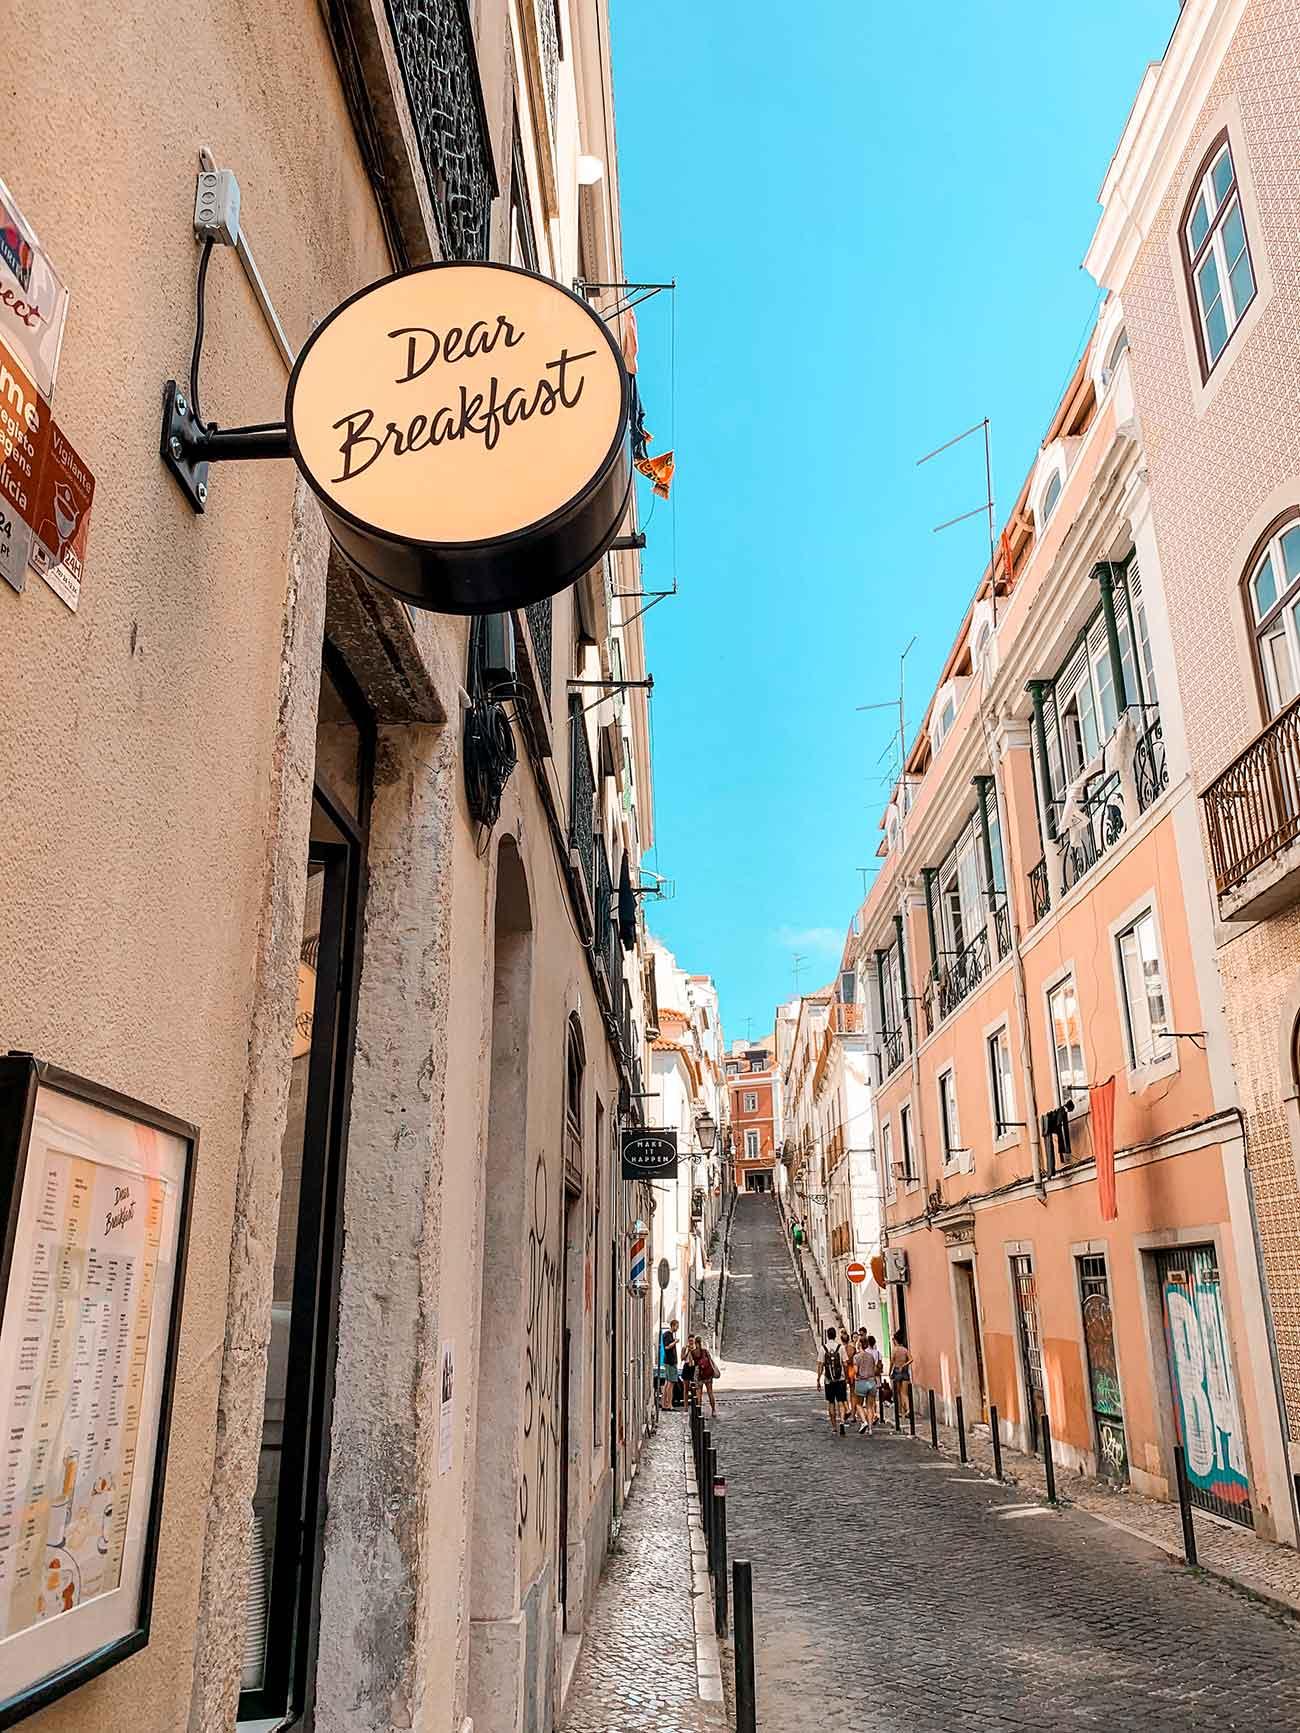 Best Restaurants in Lisbon - Dear Breakfast